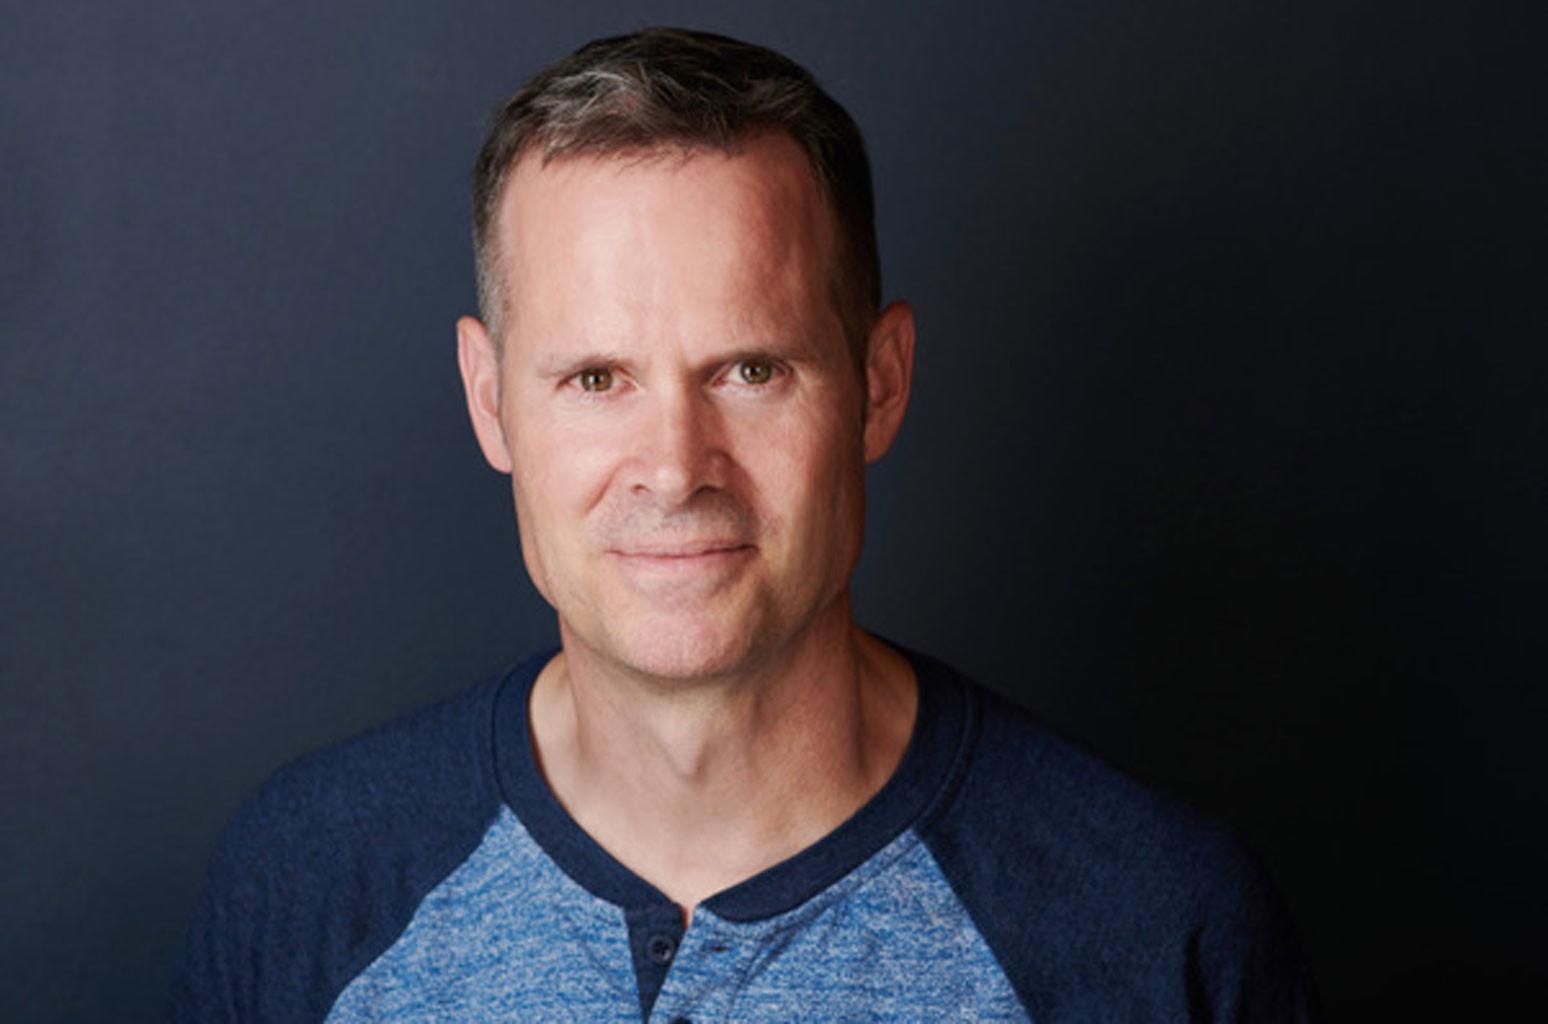 Tim Westergen